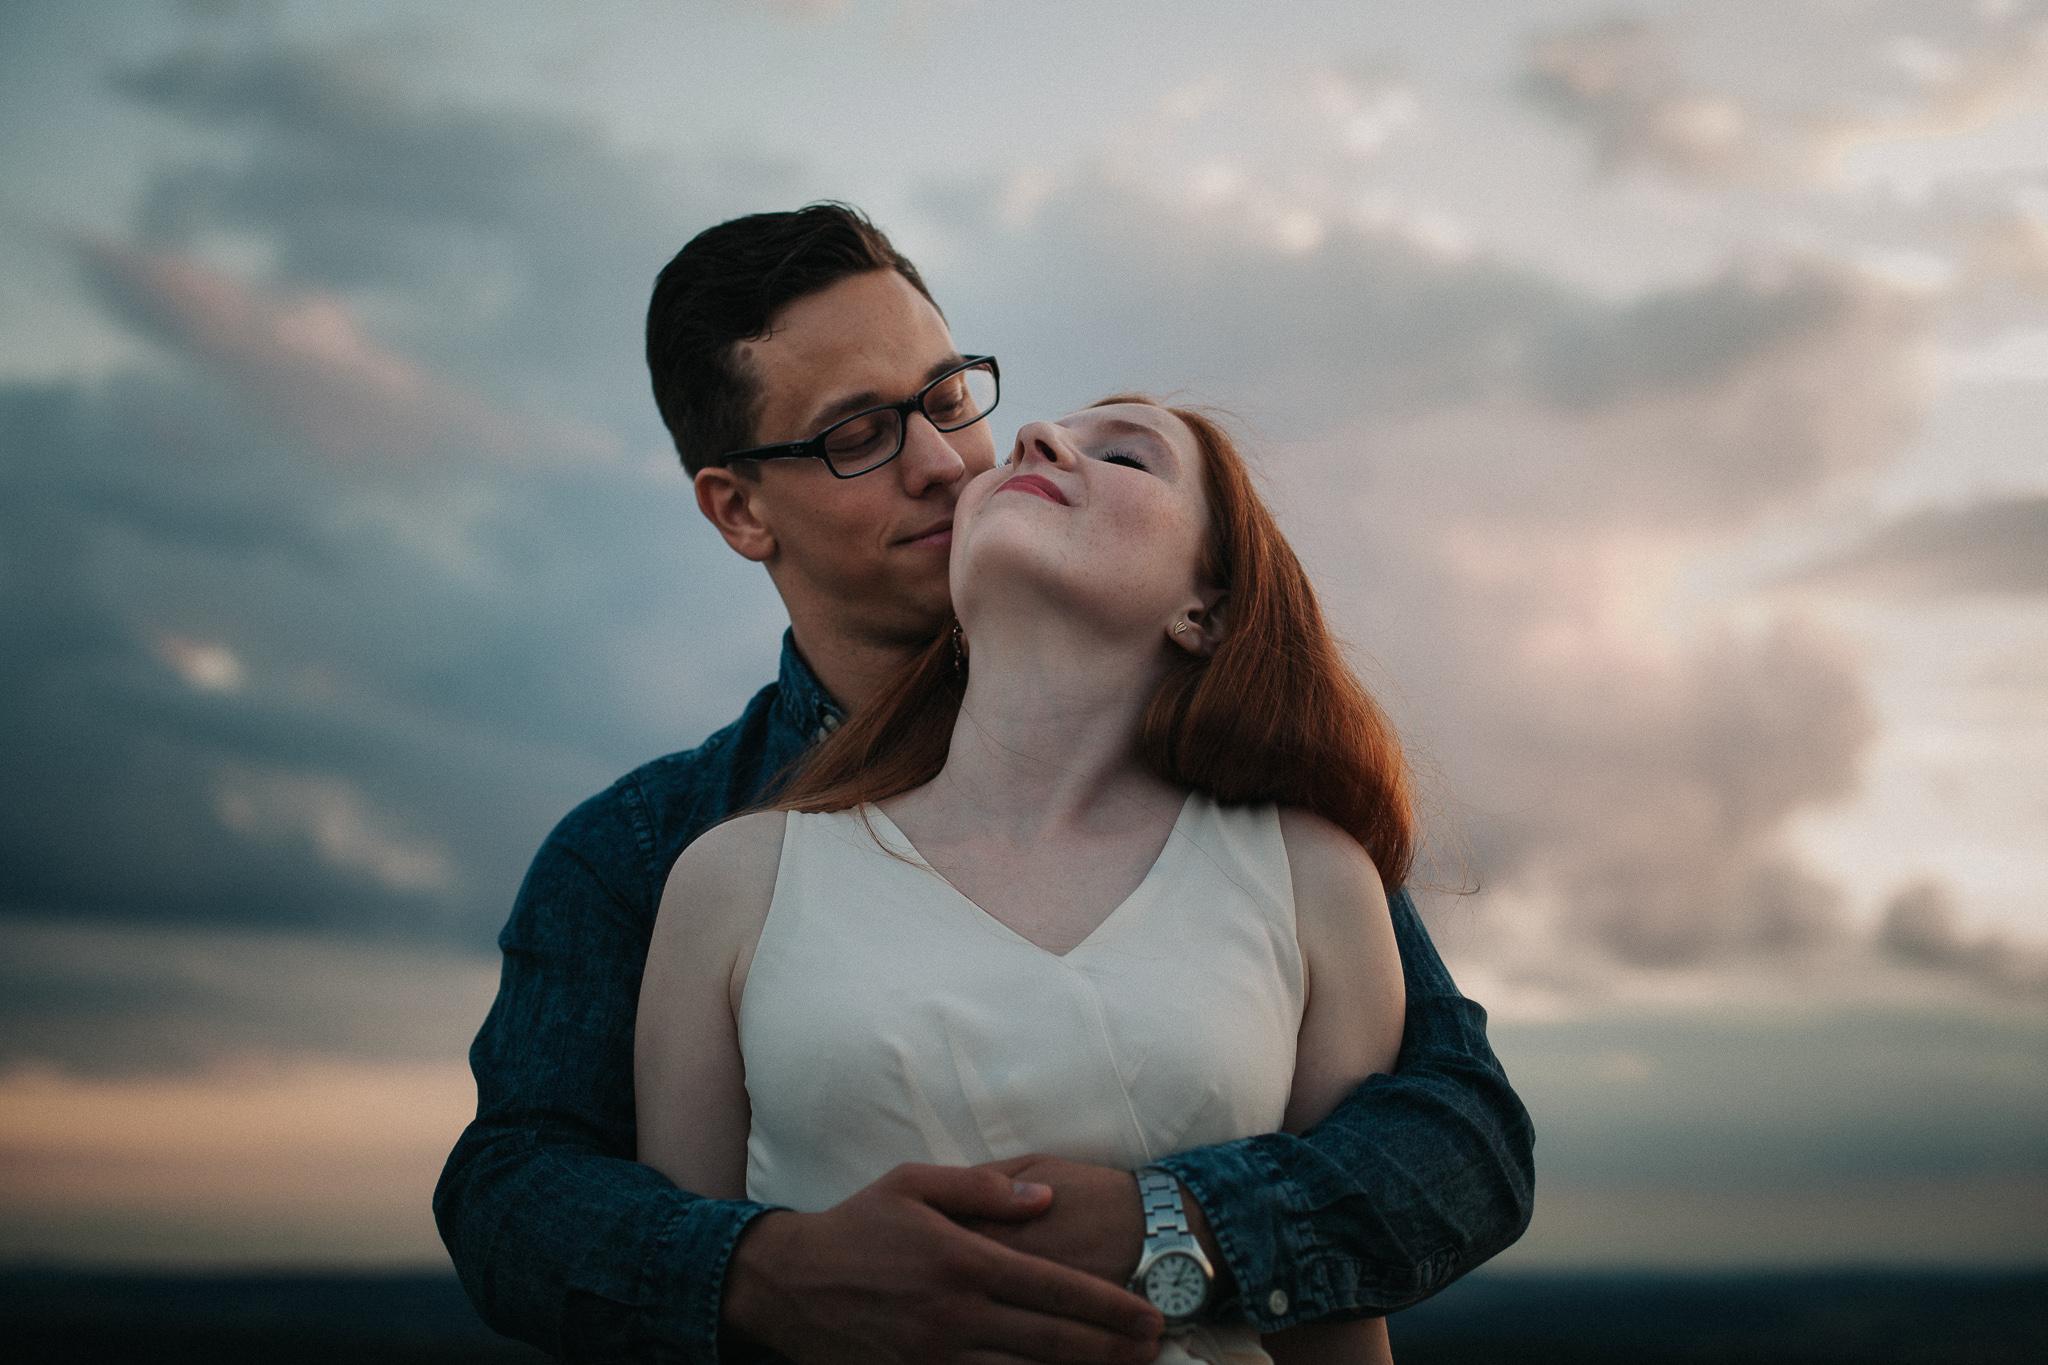 Paarportrait bei vor Wolken bei Sonnenuntergangslicht